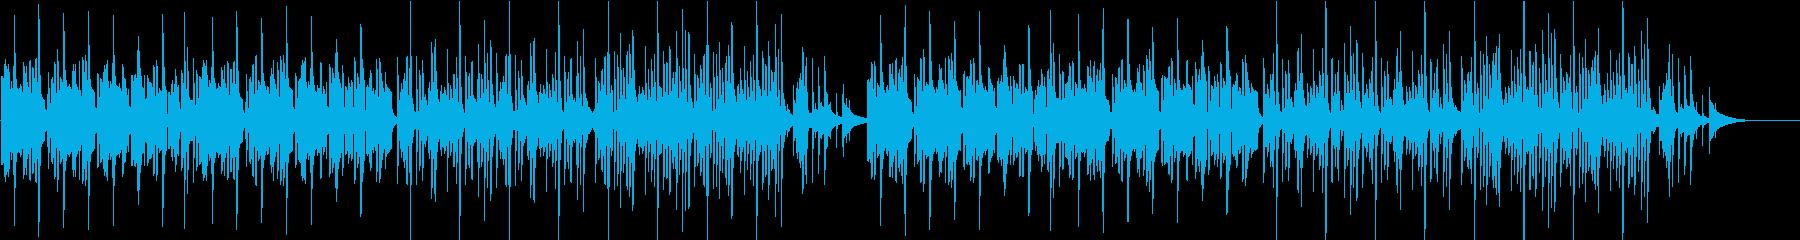 素朴でゆったり、まったりとした優しい曲の再生済みの波形